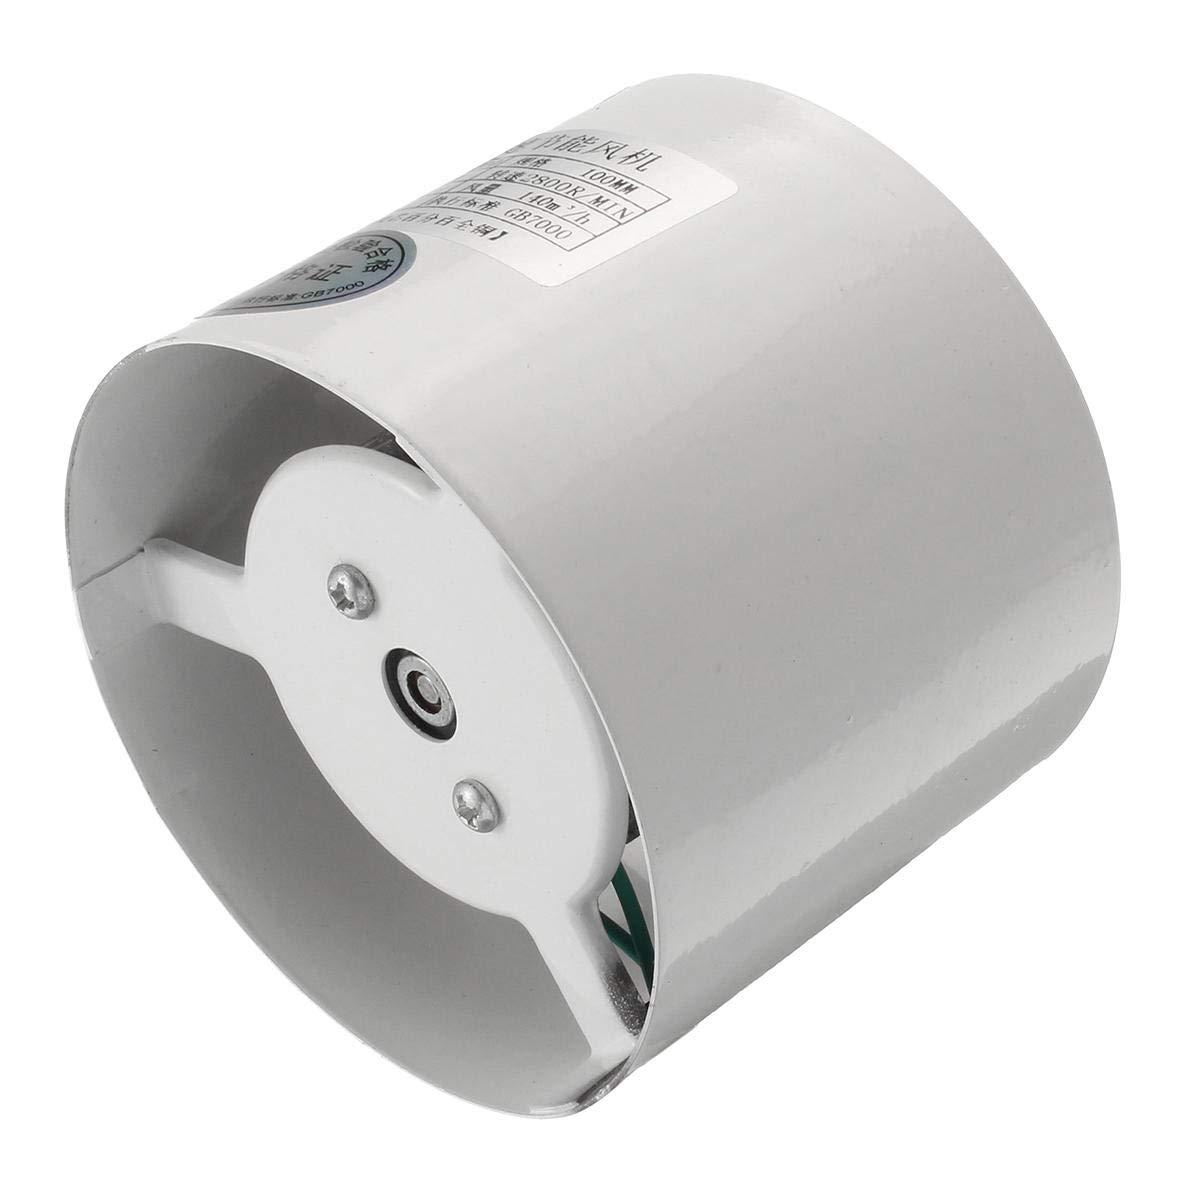 4 4 Inch//6 Inch Booster Fan Inline Duct Vent Blower Fan Exhaust Fan Tools